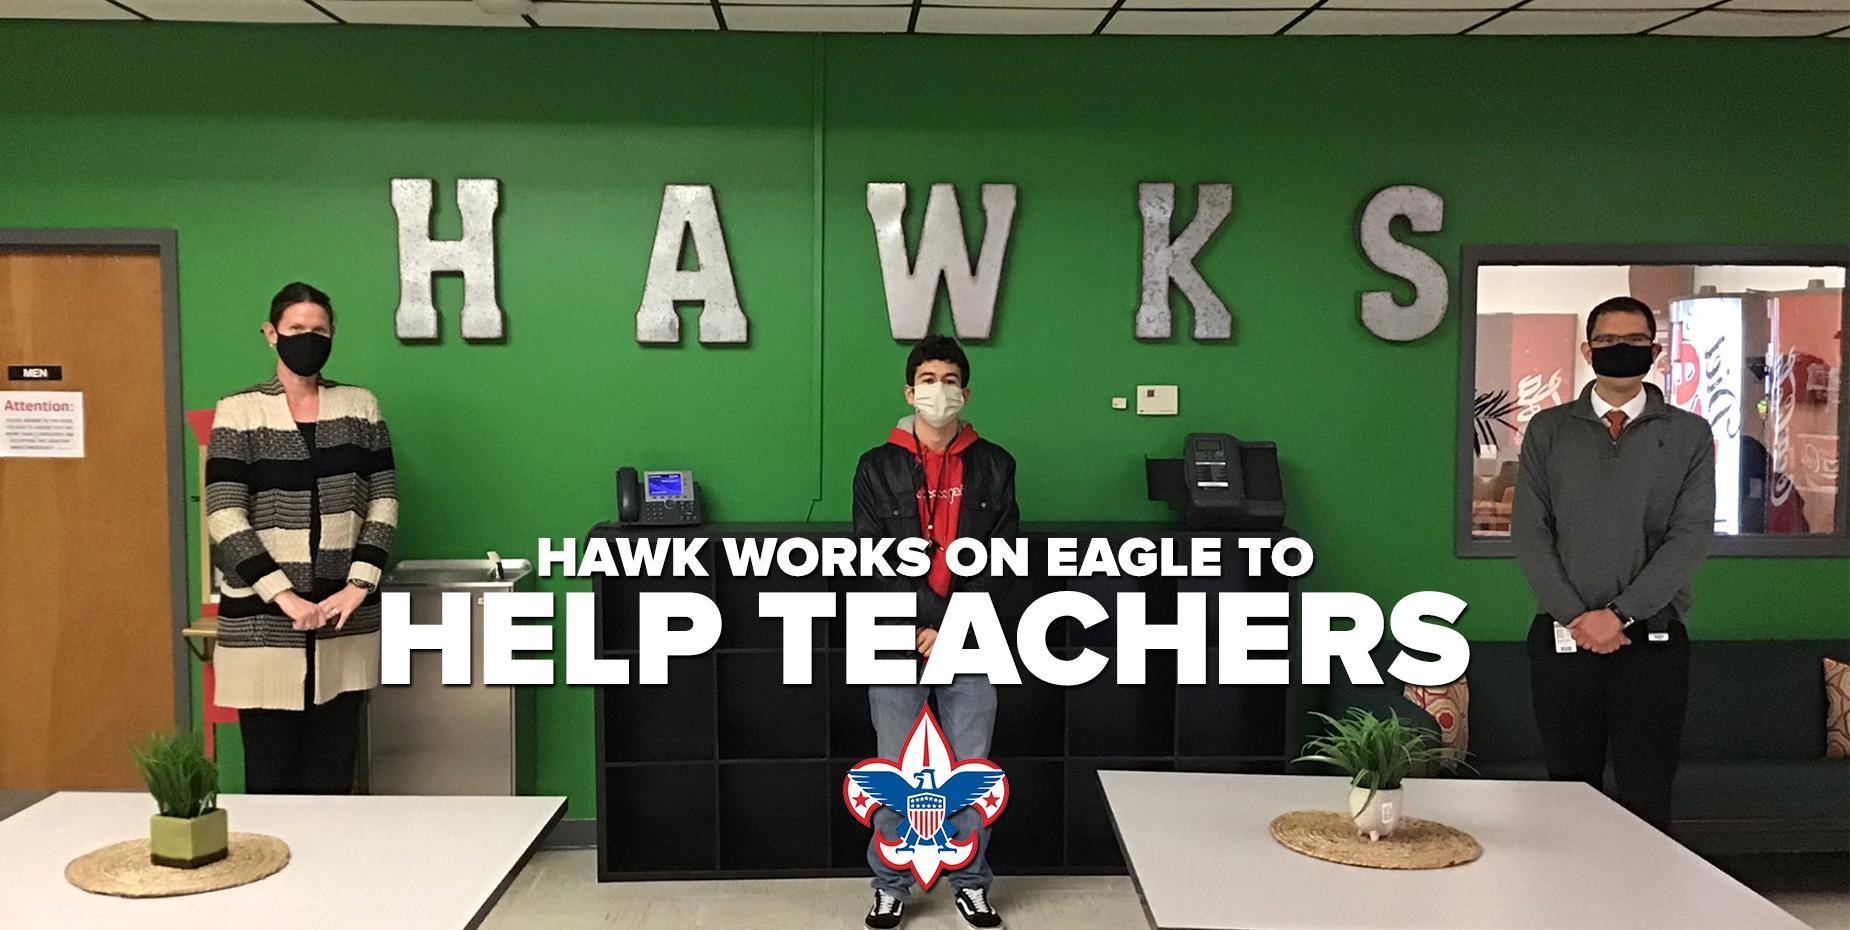 Hawk works on Eagle to help teachers